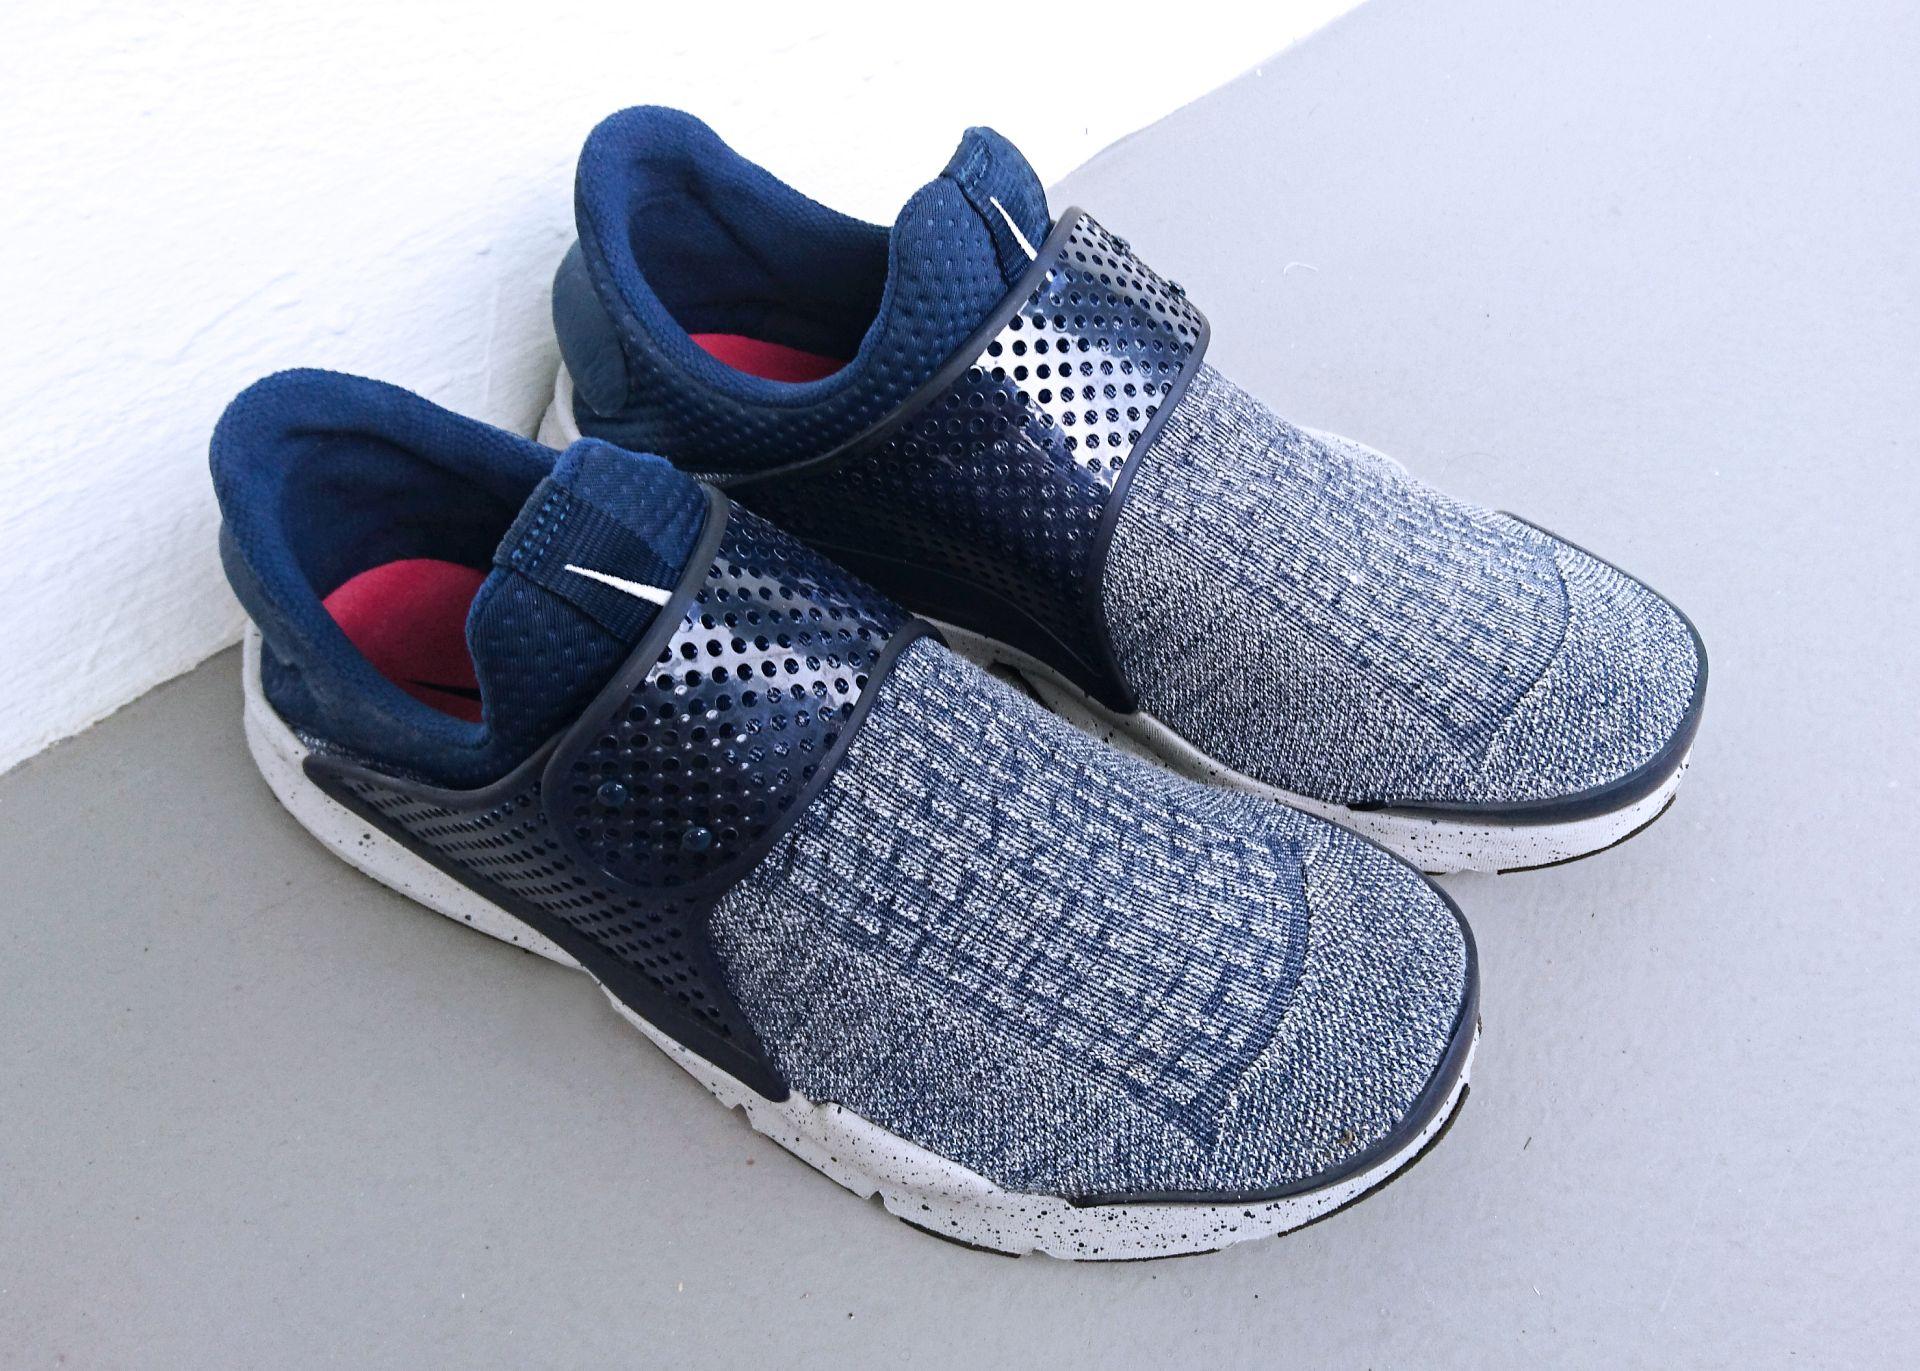 Nike Sock Dart SE Premium pic 2